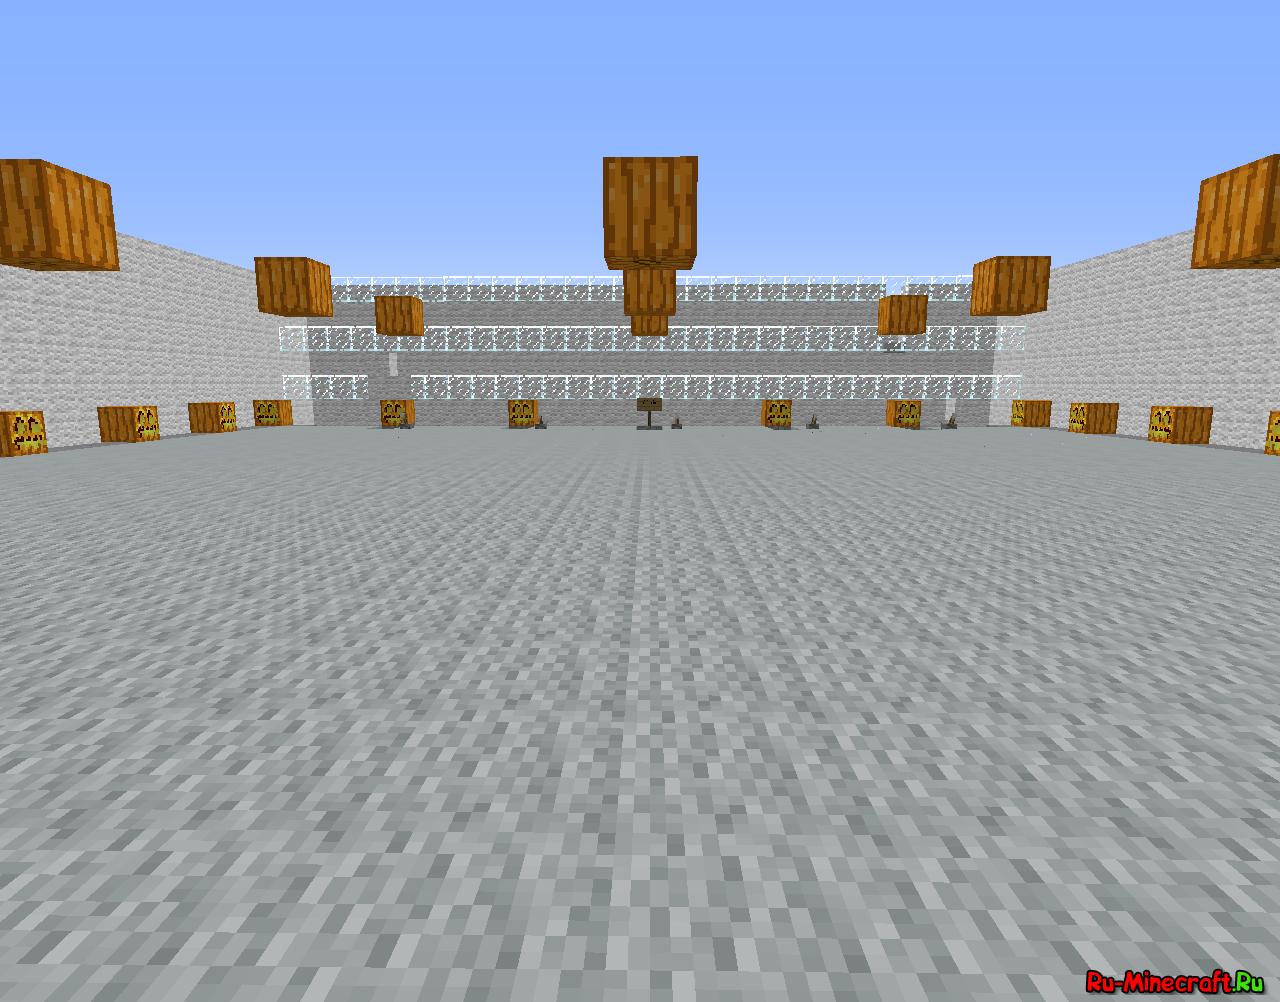 Скачать Minecraft (Майнкрафт) 1.11, 1.10.2, 1.10, 1.9, 1.8 ...